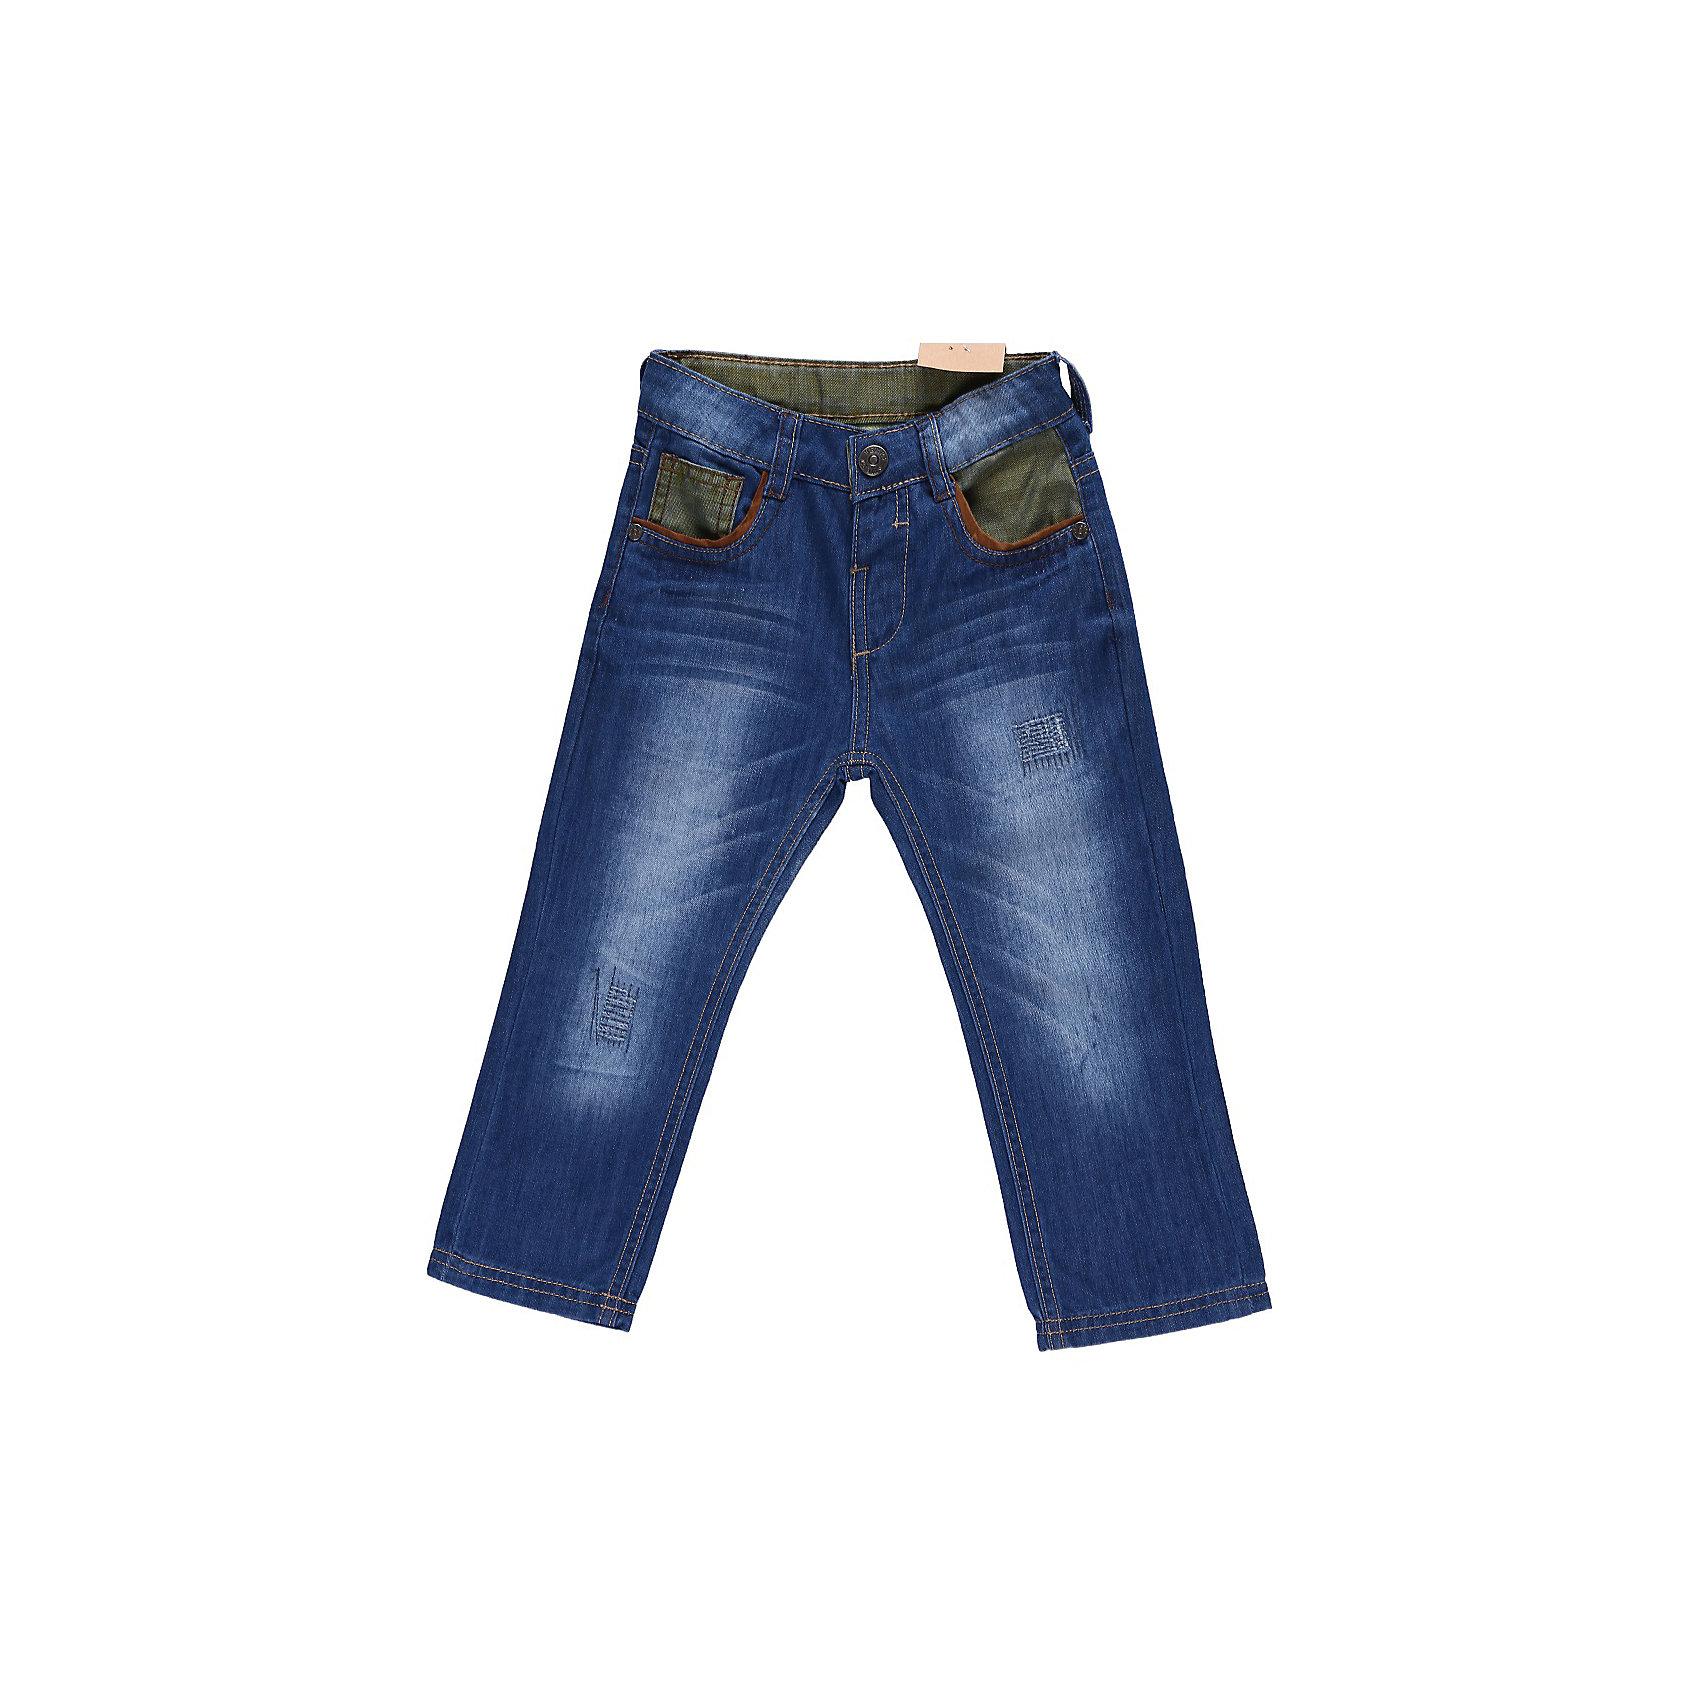 Джинсы для мальчика Sweet BerryДжинсы и брючки<br>Джинсы с контрастными вставками из цветной джинсы. С регулировкой внутри на поясе.<br>Состав:<br>100% хлопок<br><br>Ширина мм: 215<br>Глубина мм: 88<br>Высота мм: 191<br>Вес г: 336<br>Цвет: синий<br>Возраст от месяцев: 9<br>Возраст до месяцев: 12<br>Пол: Мужской<br>Возраст: Детский<br>Размер: 80,98,92,86<br>SKU: 4522129